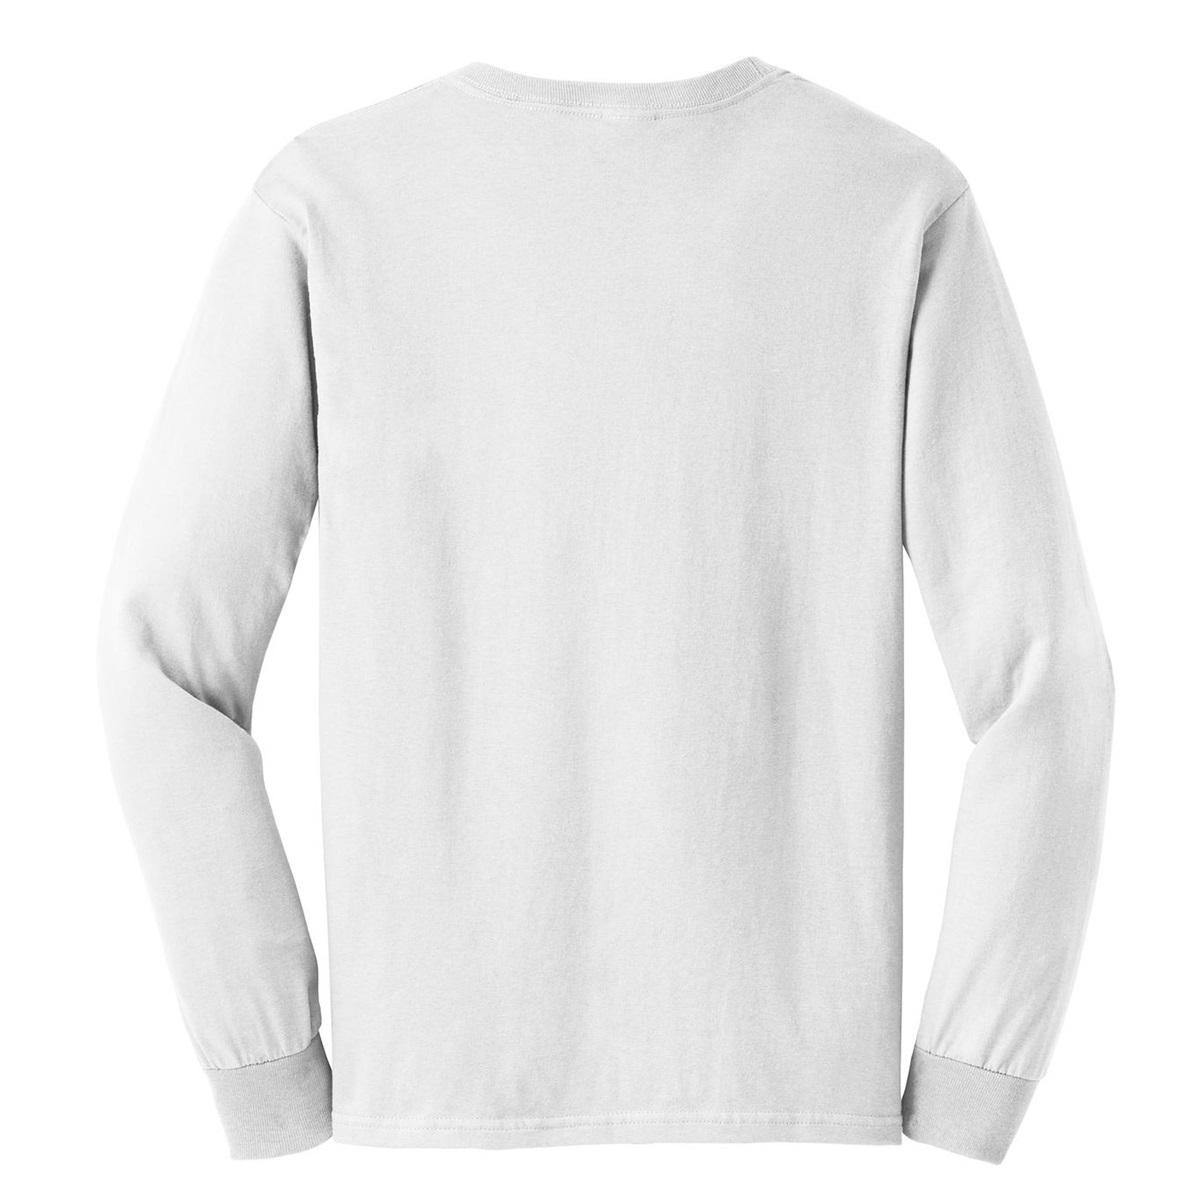 Gildan g2400 ultra cotton long sleeve t shirt white for White cotton long sleeve t shirt